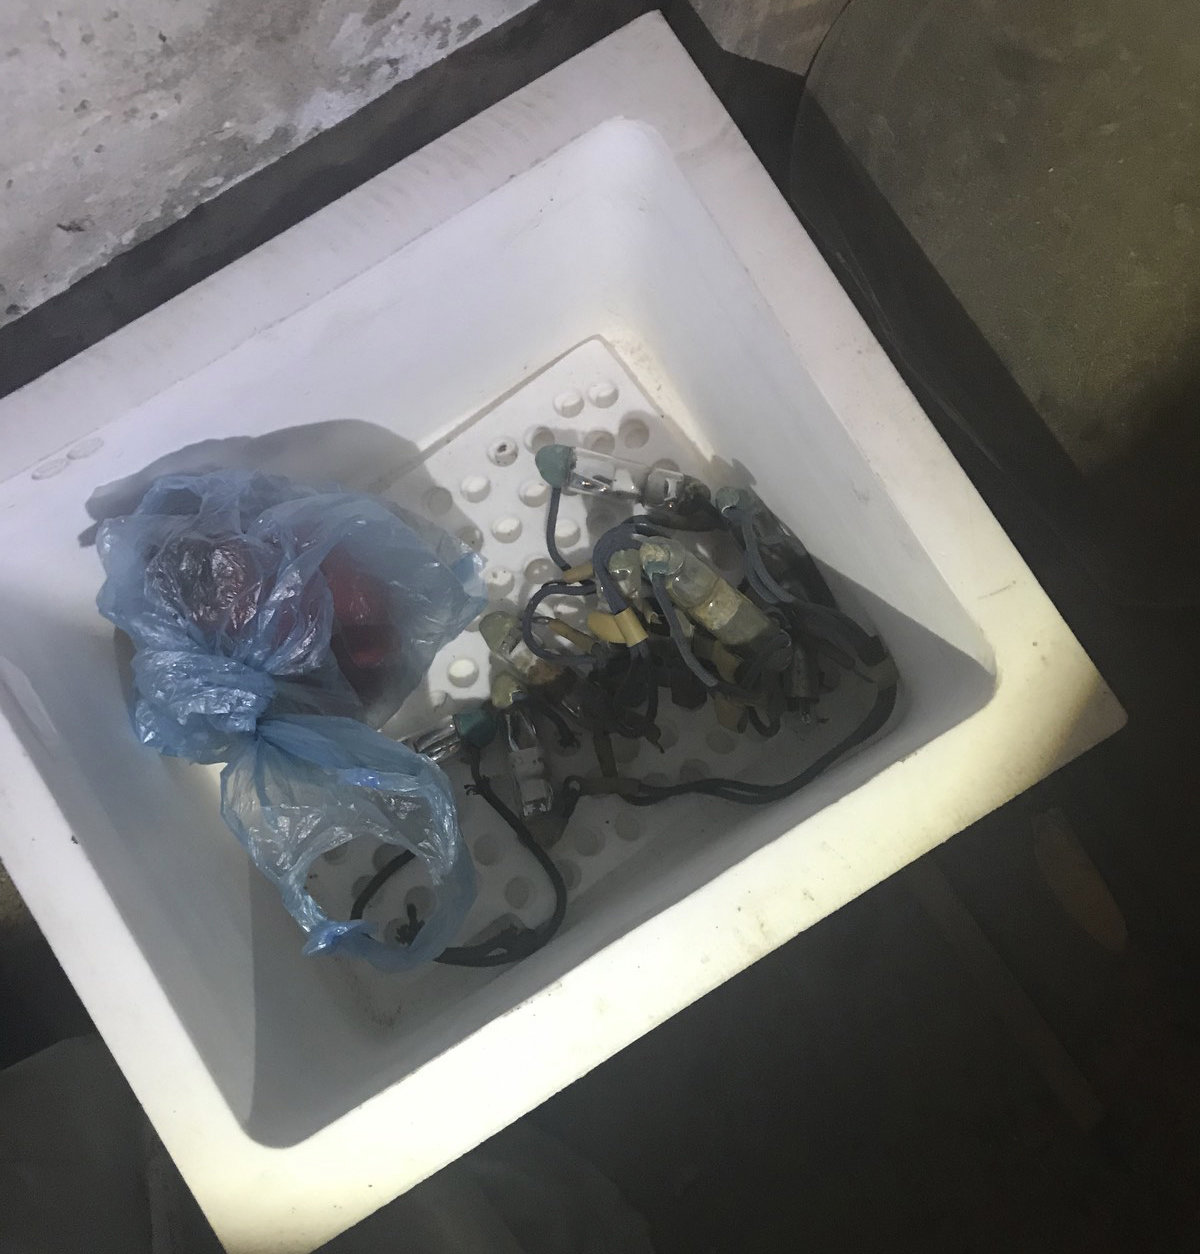 У Білій Церкві рятувальники вилучили контейнери з ртуттю в житловому будинку, фото-2